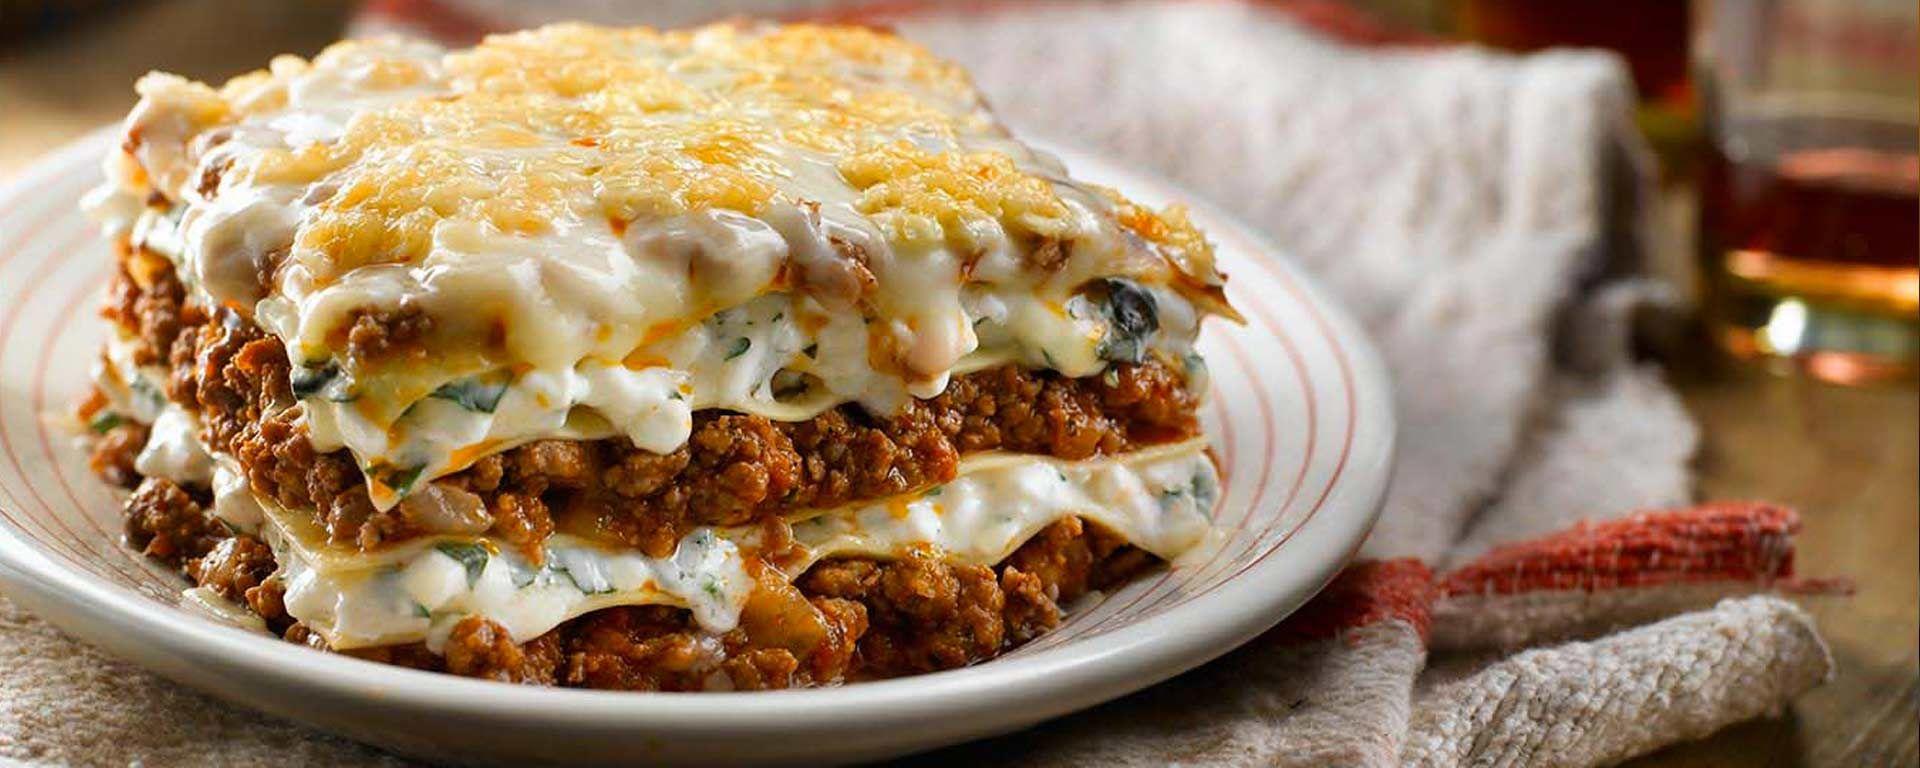 Lasagne Idee Recette.Epingle Sur Lasagne